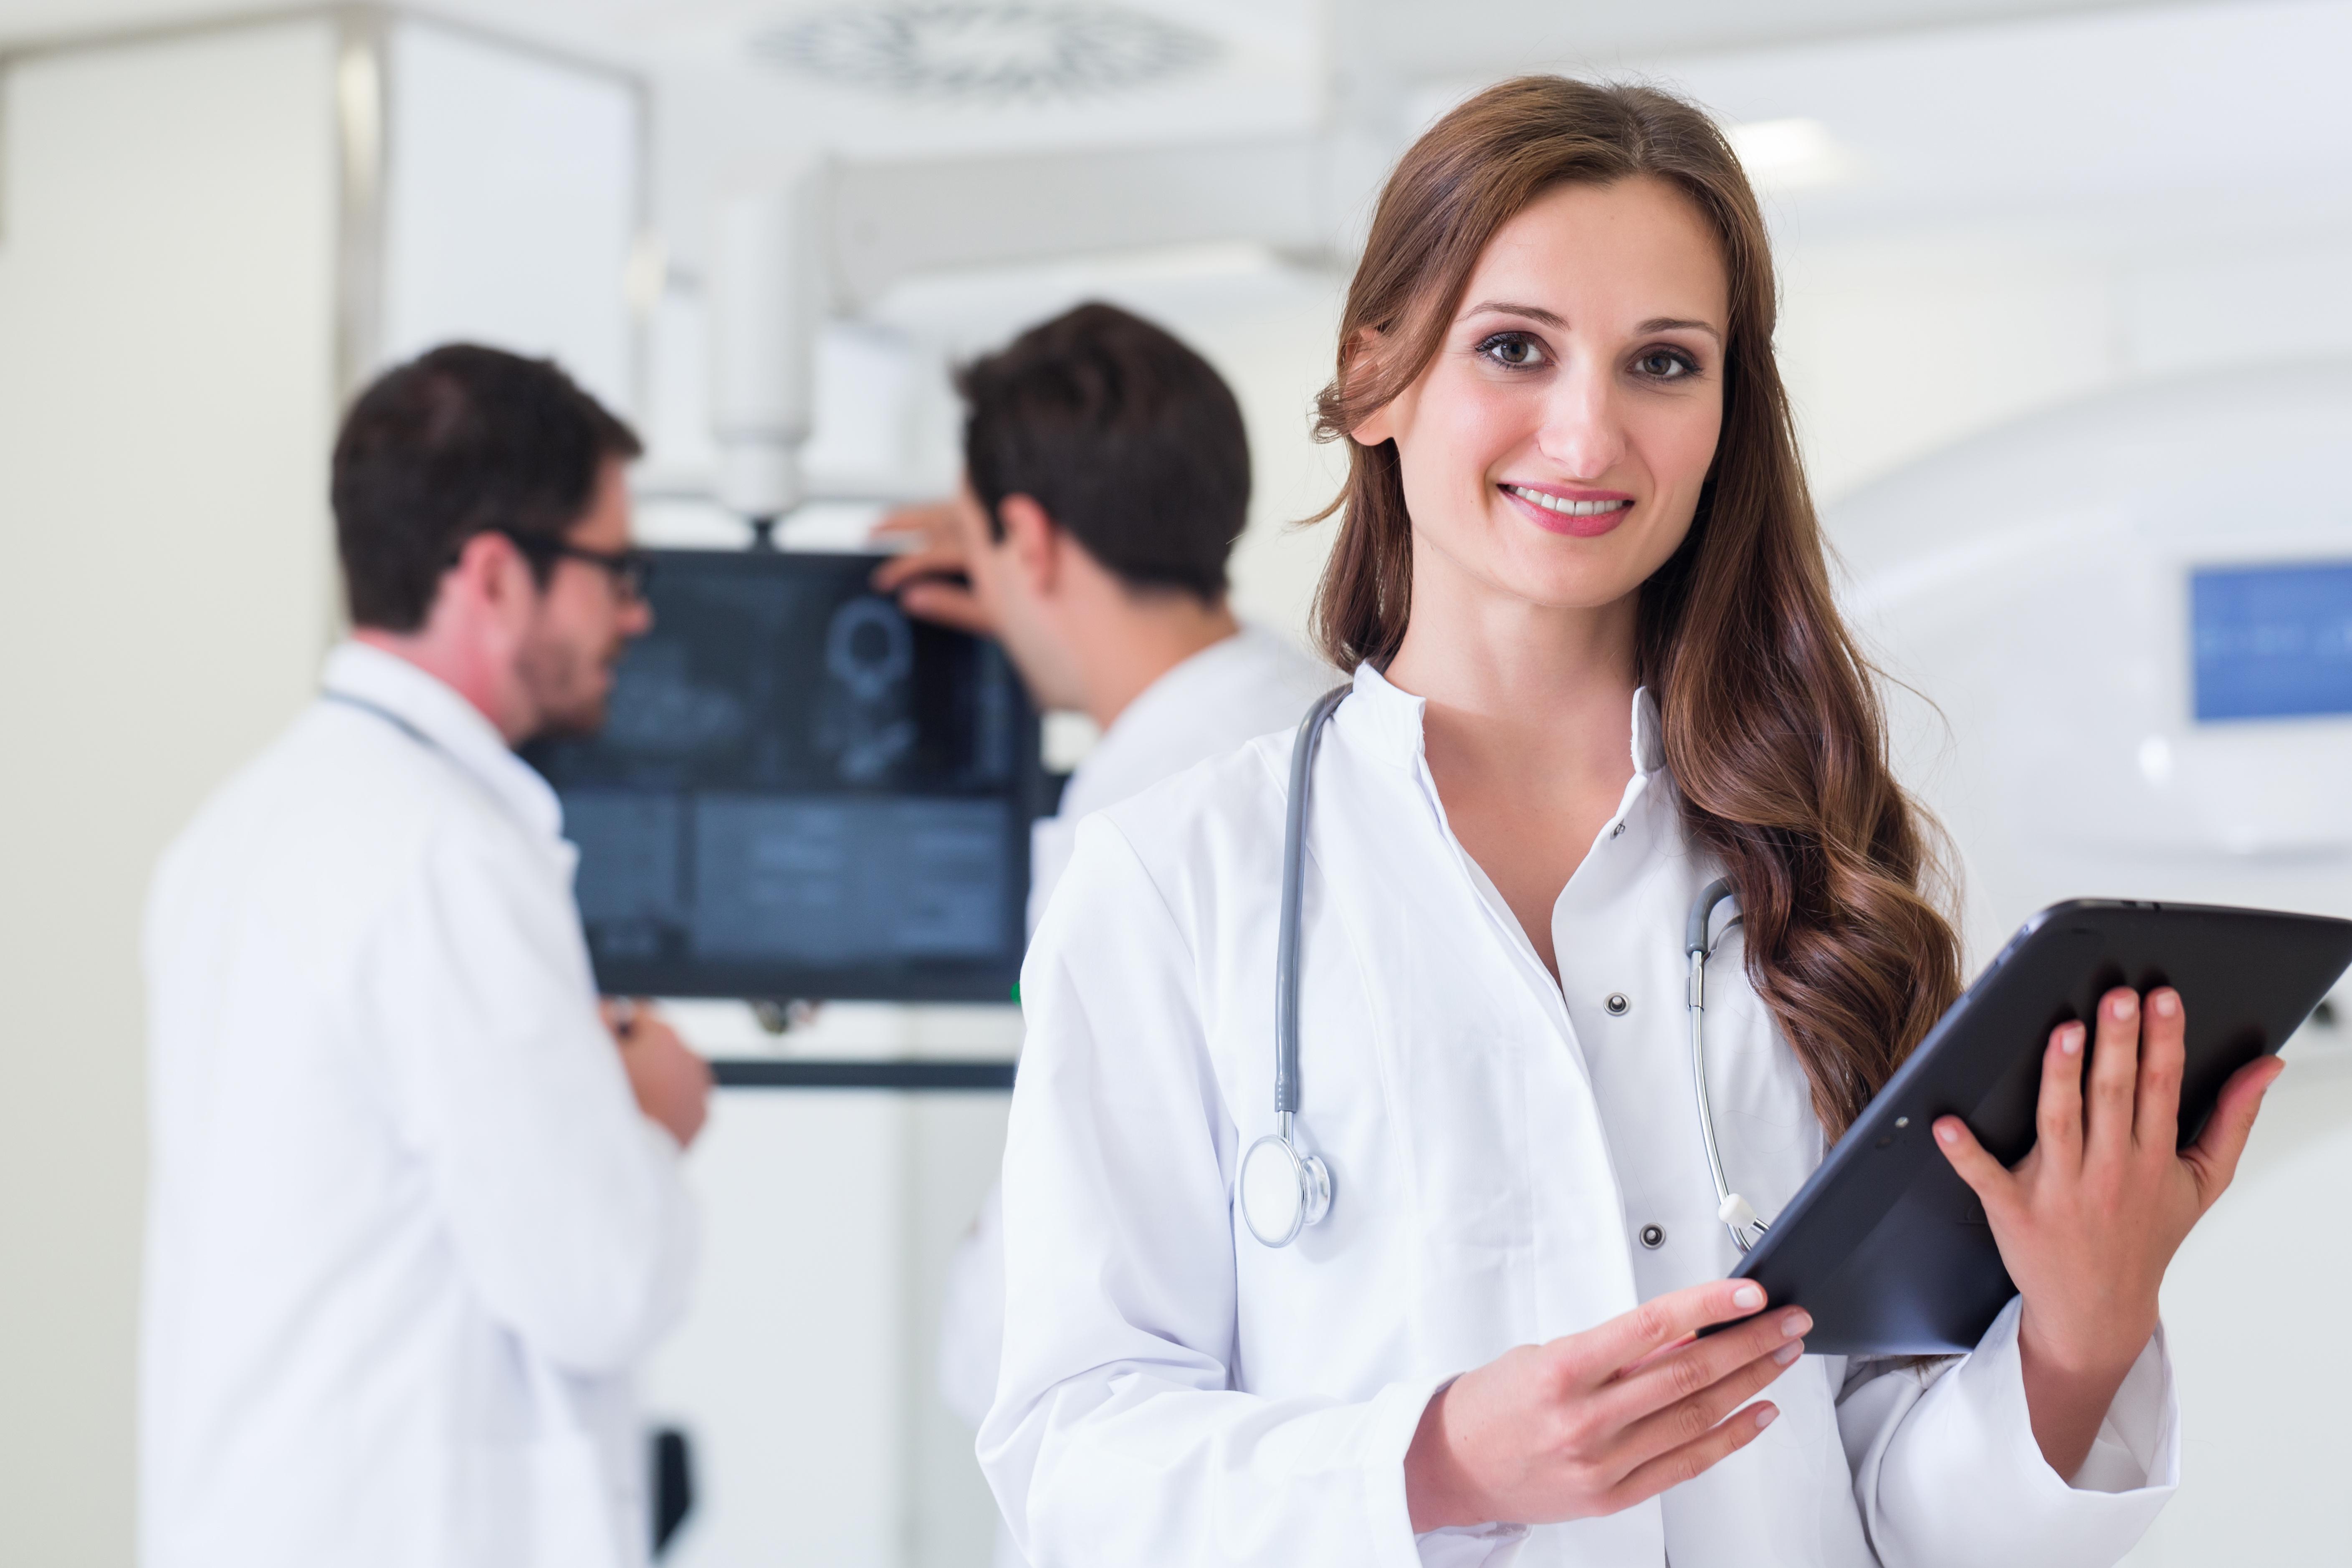 Ärztin_mit_Kollegen_im_Krankenhaus_steht_an_CT_Gerät_mit_Ergebnissen_der_Untersuchung-1